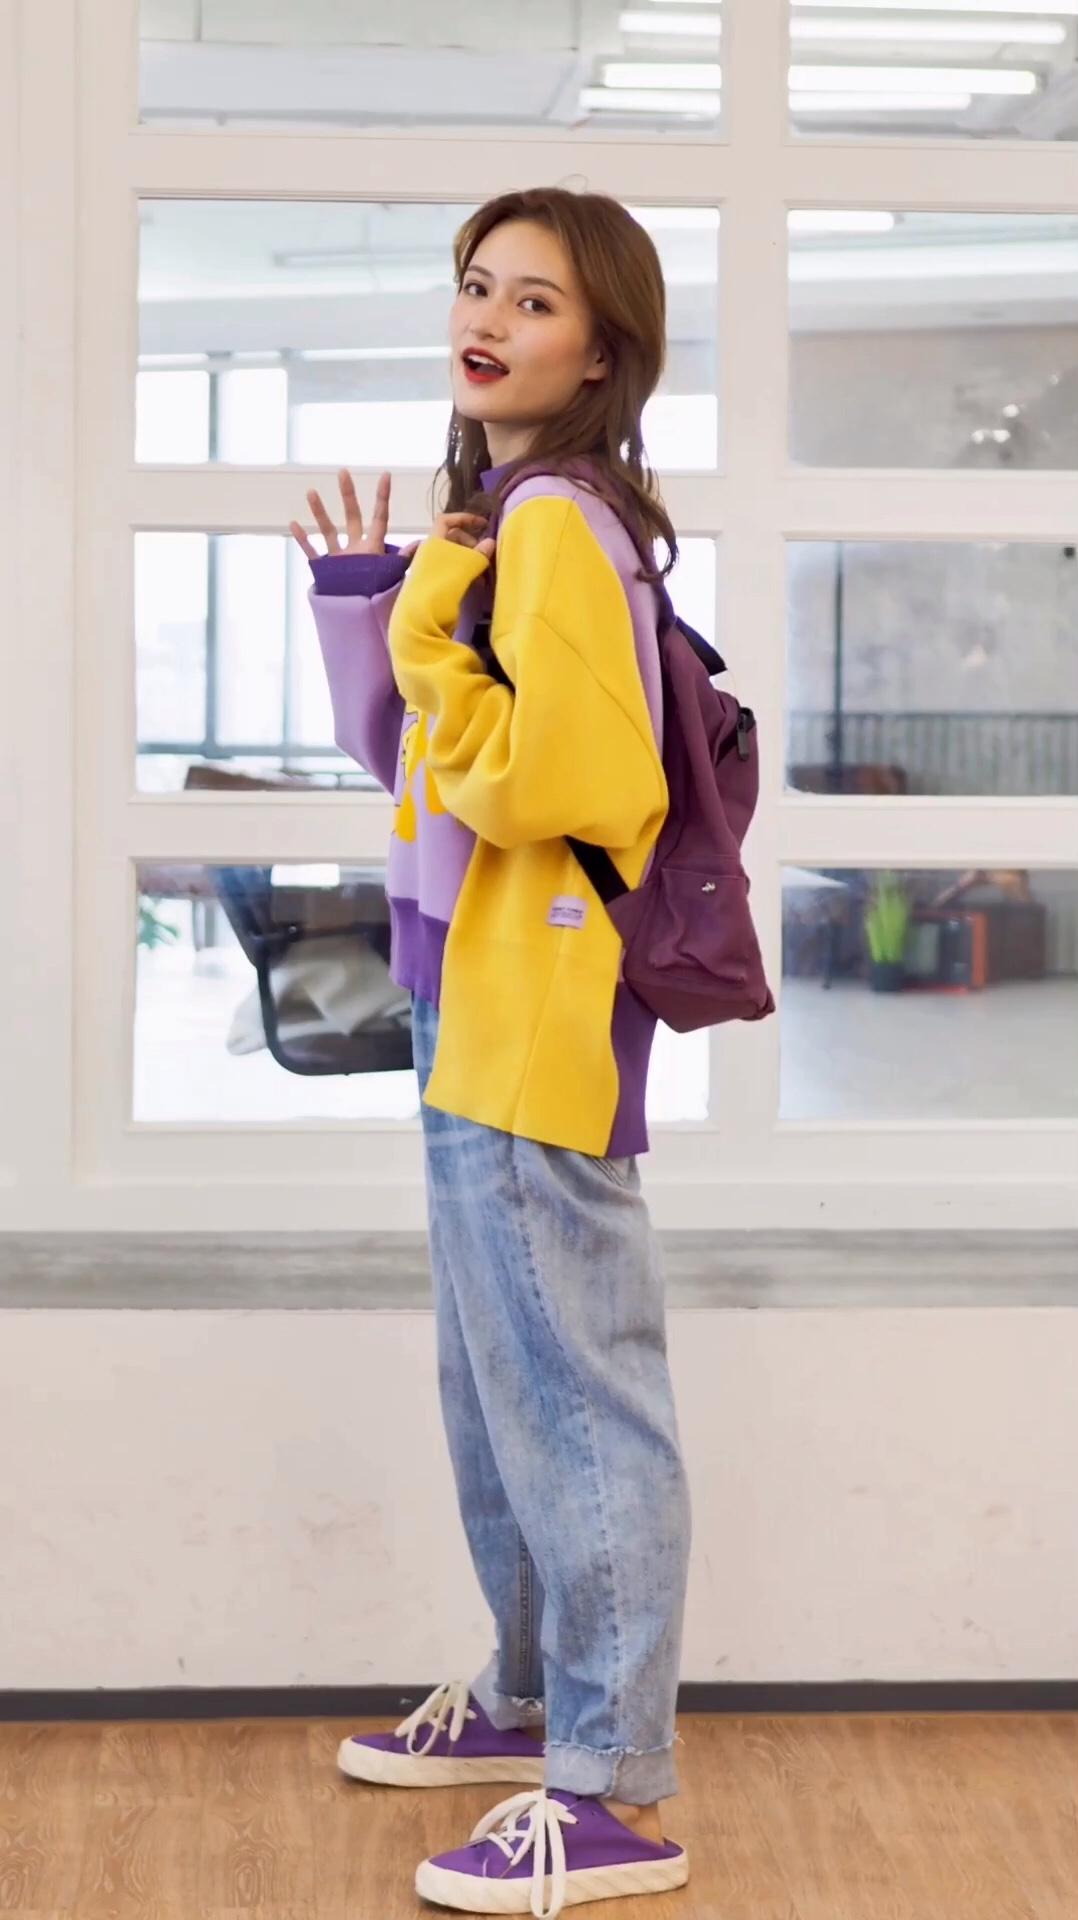 #秋装上新穿搭打卡#  模特155cm 40kg 非常活泼的亮色系毛衣搭配 蓝色的牛仔裤和紫色小书包也是青春满满 紫色的帆布鞋和上身颜色呼应 喜欢青春休闲风的宝宝可以入这一款